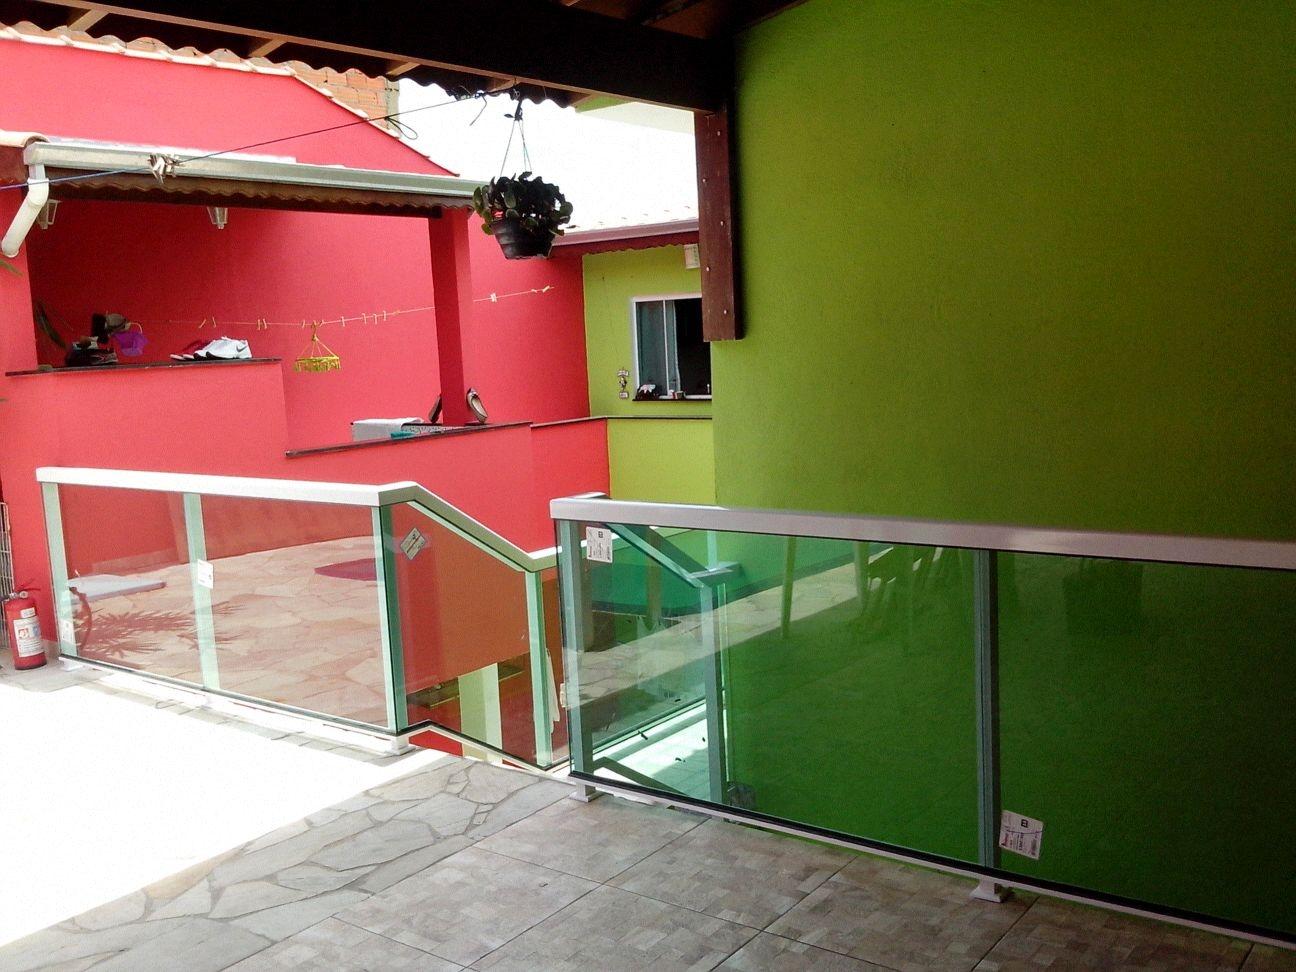 Serviços Corrimão Inox e Vidro na Vila Formosa - Corrimão Inox e Vidro